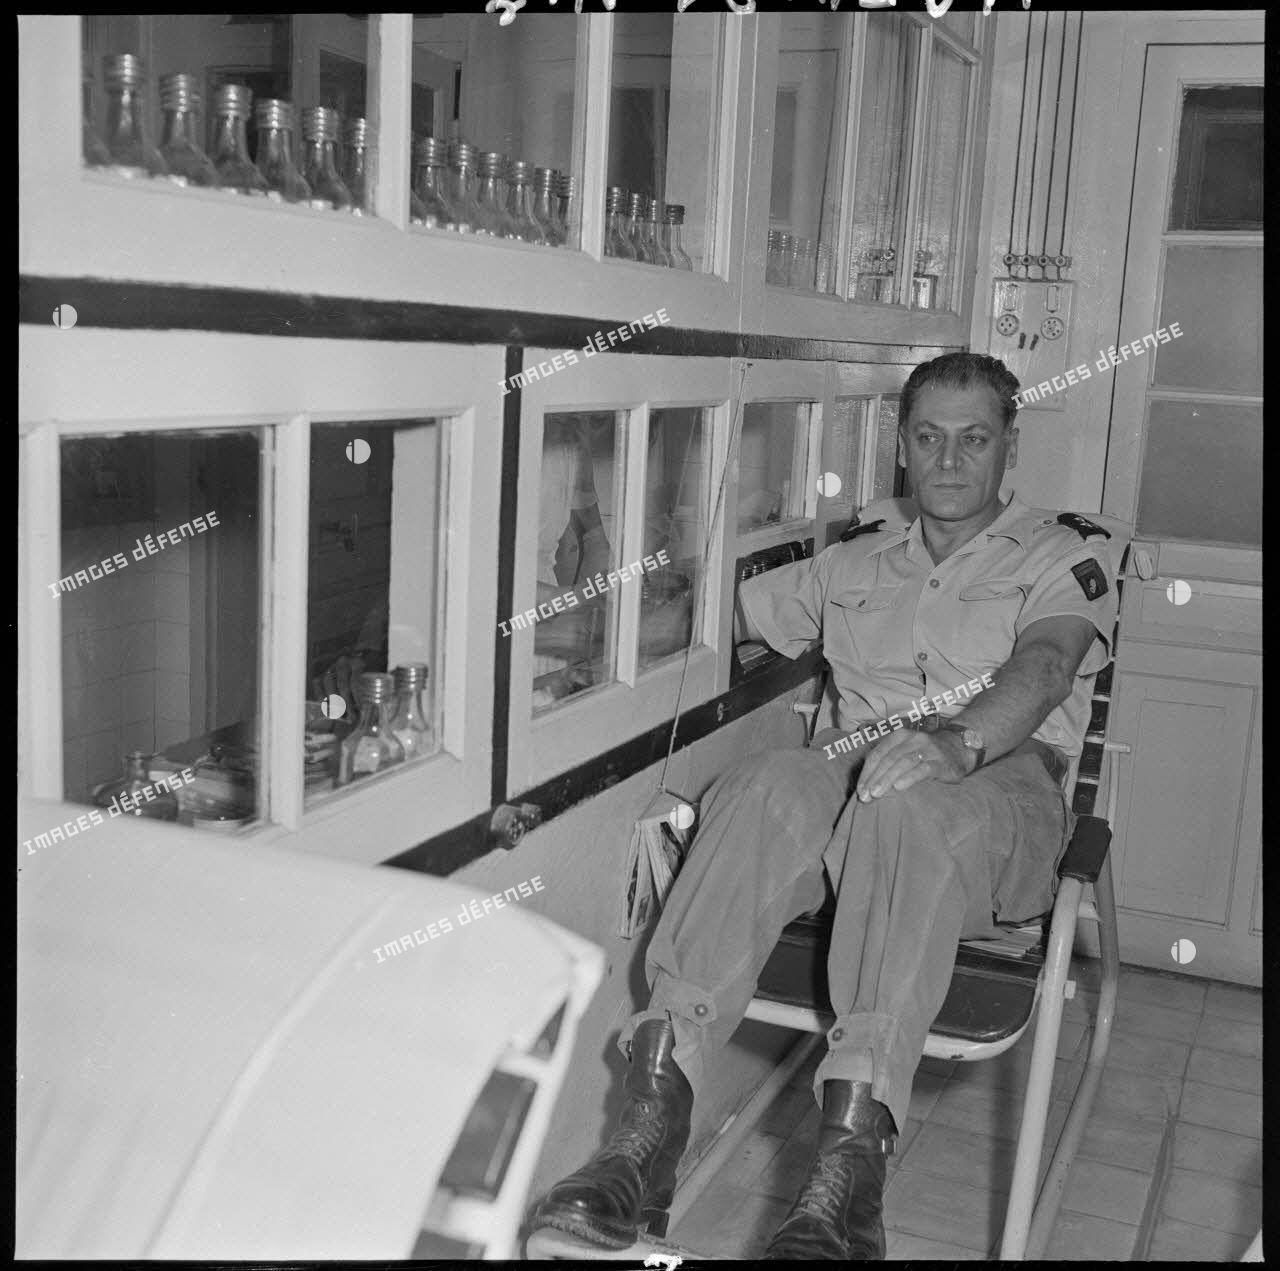 Le général Cogny, commandant en chef forces terrestres du Nord-Vietnam (FTNV), donne son sang pour les soldats blessés au cours de la bataille de Diên Biên Phu.